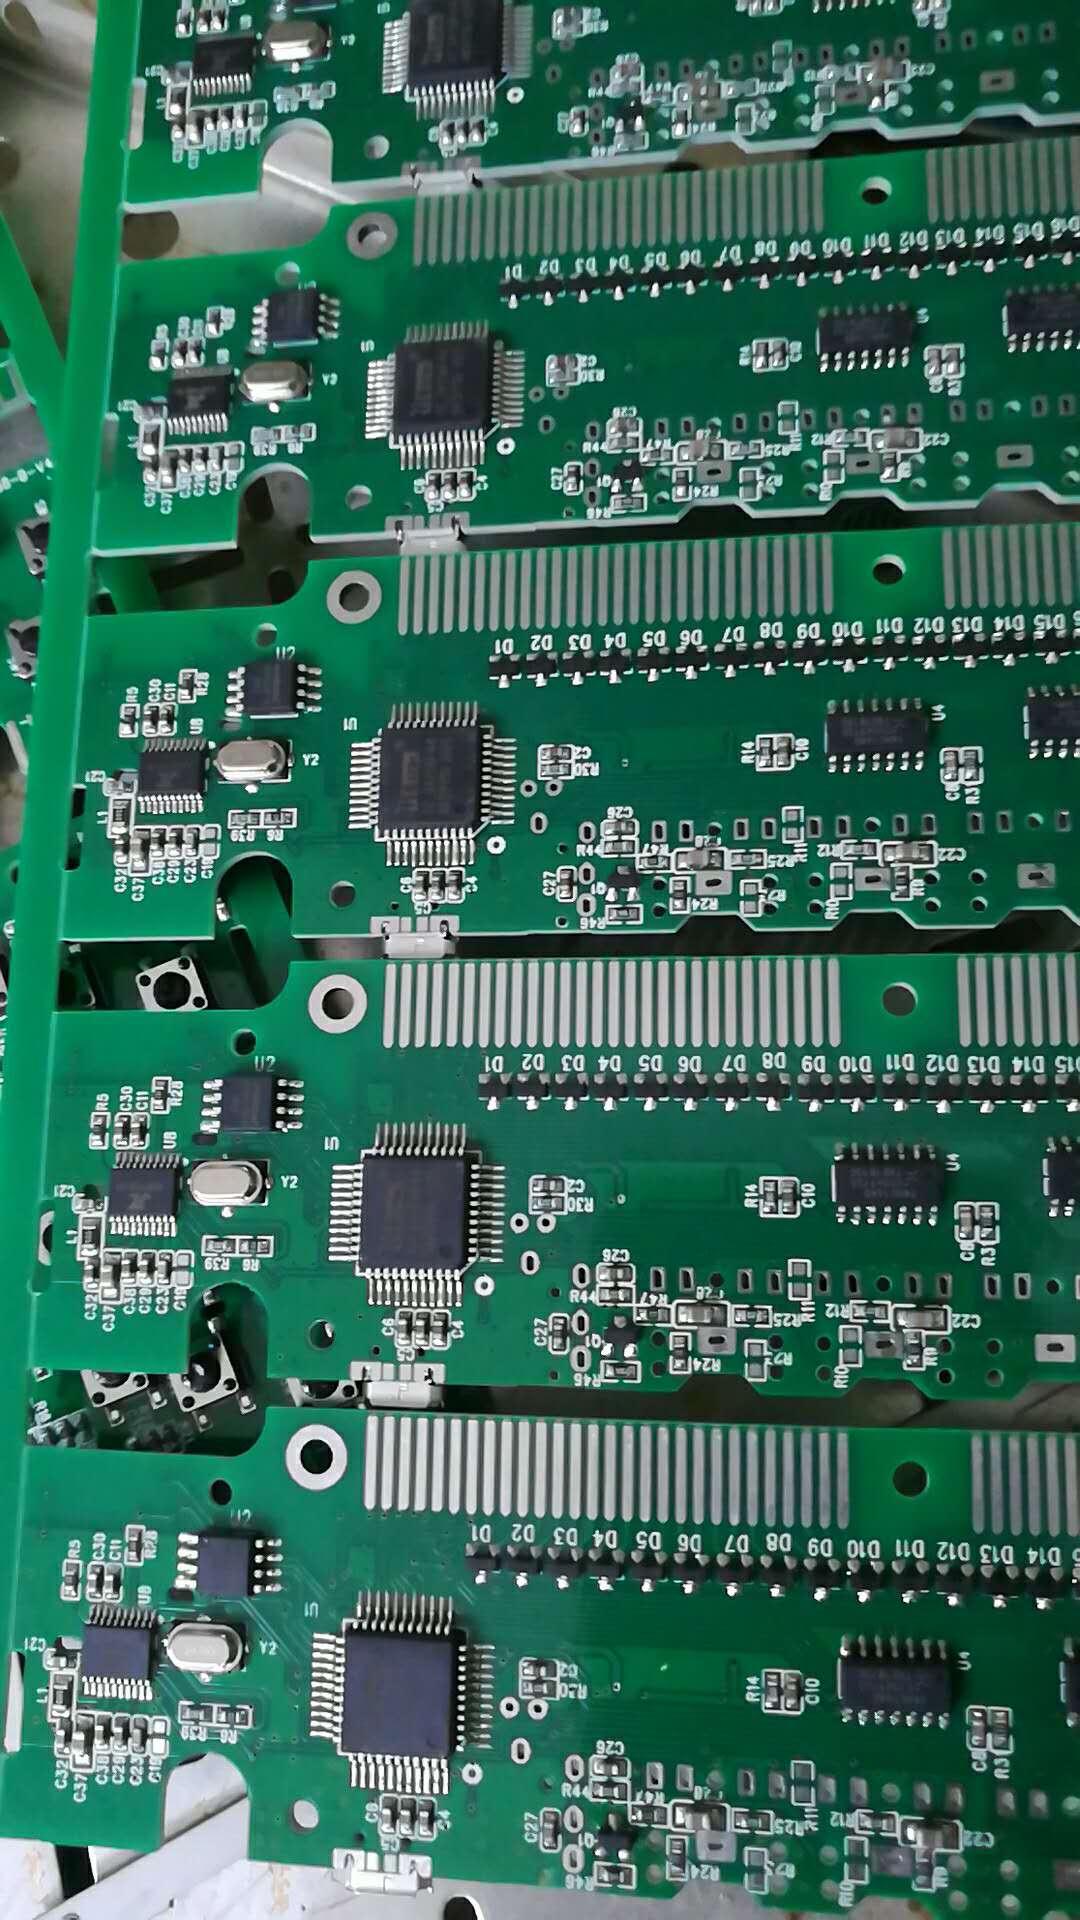 超聲波_超聲波后焊加工中心網_大安偉業